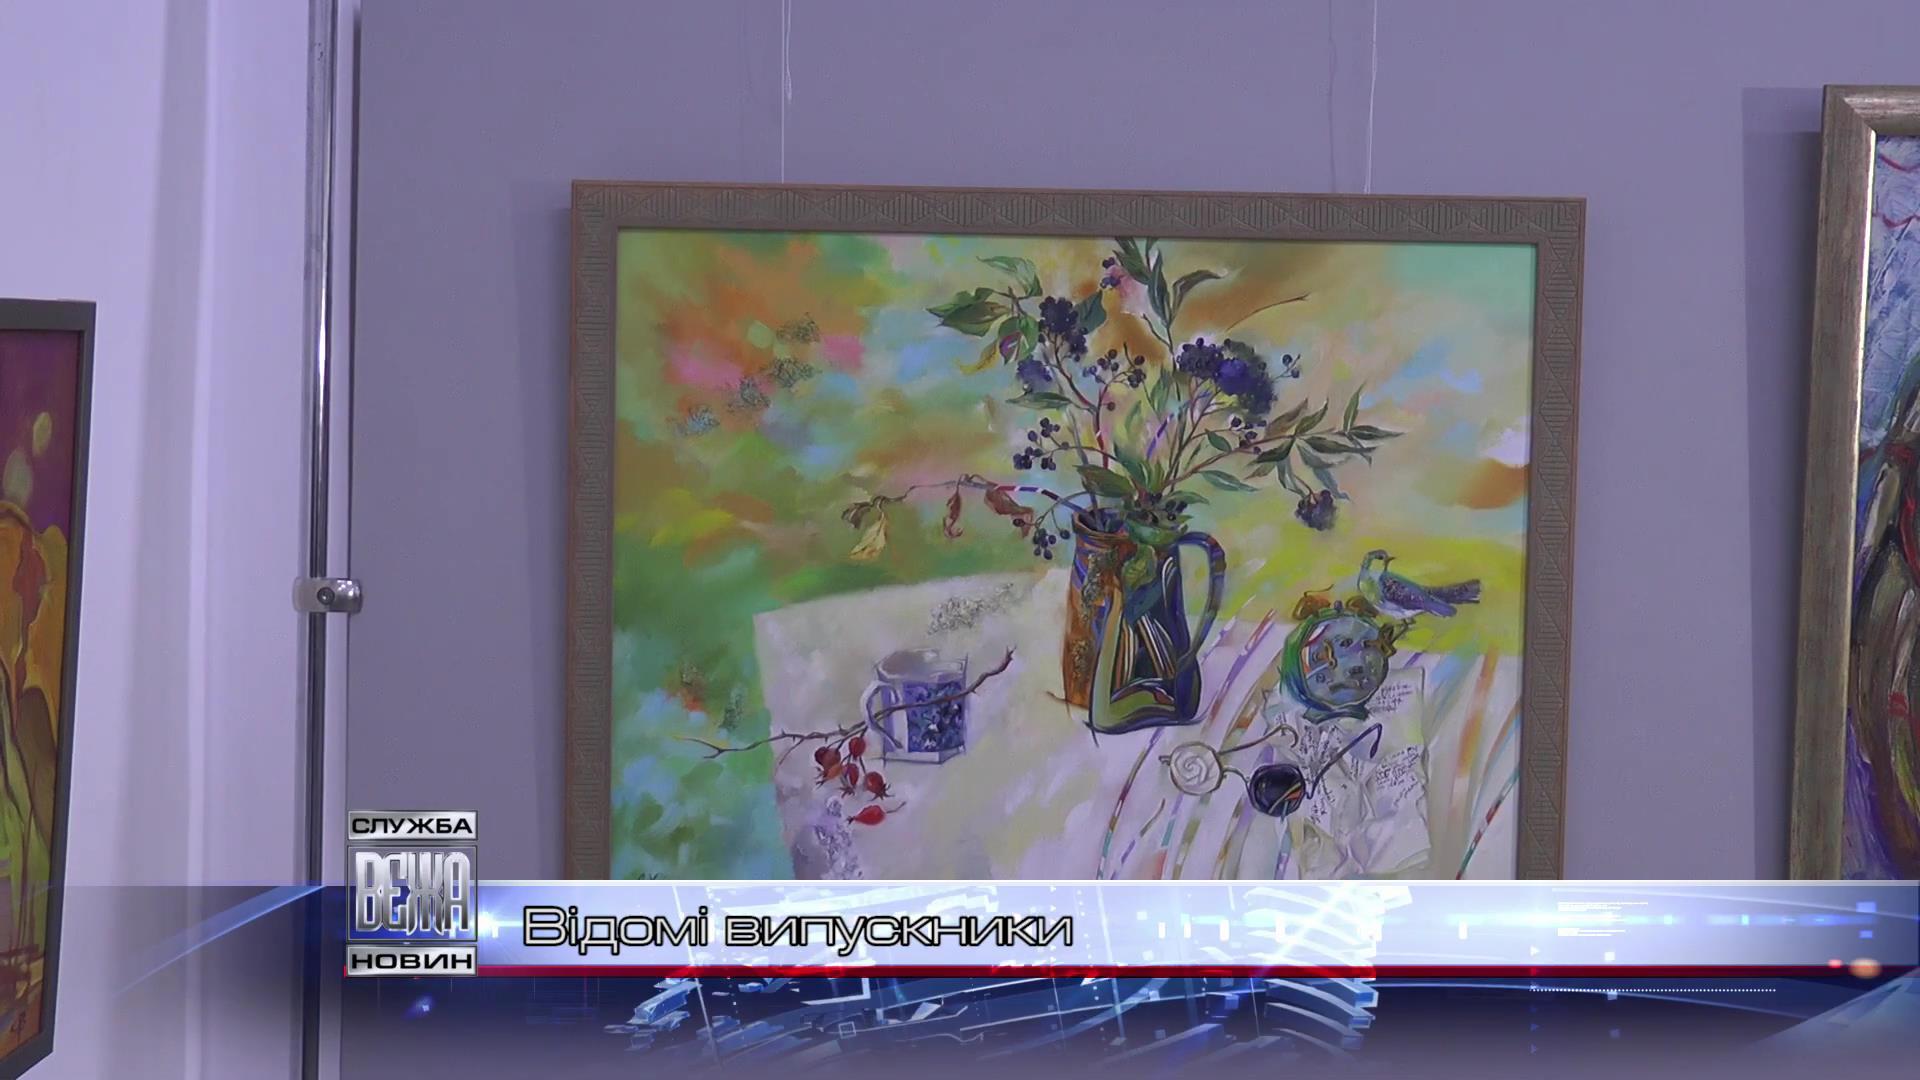 Виставку творчих робіт випускників Дитячої художньої школи презентували в Івано-Франківську[20-56-33]